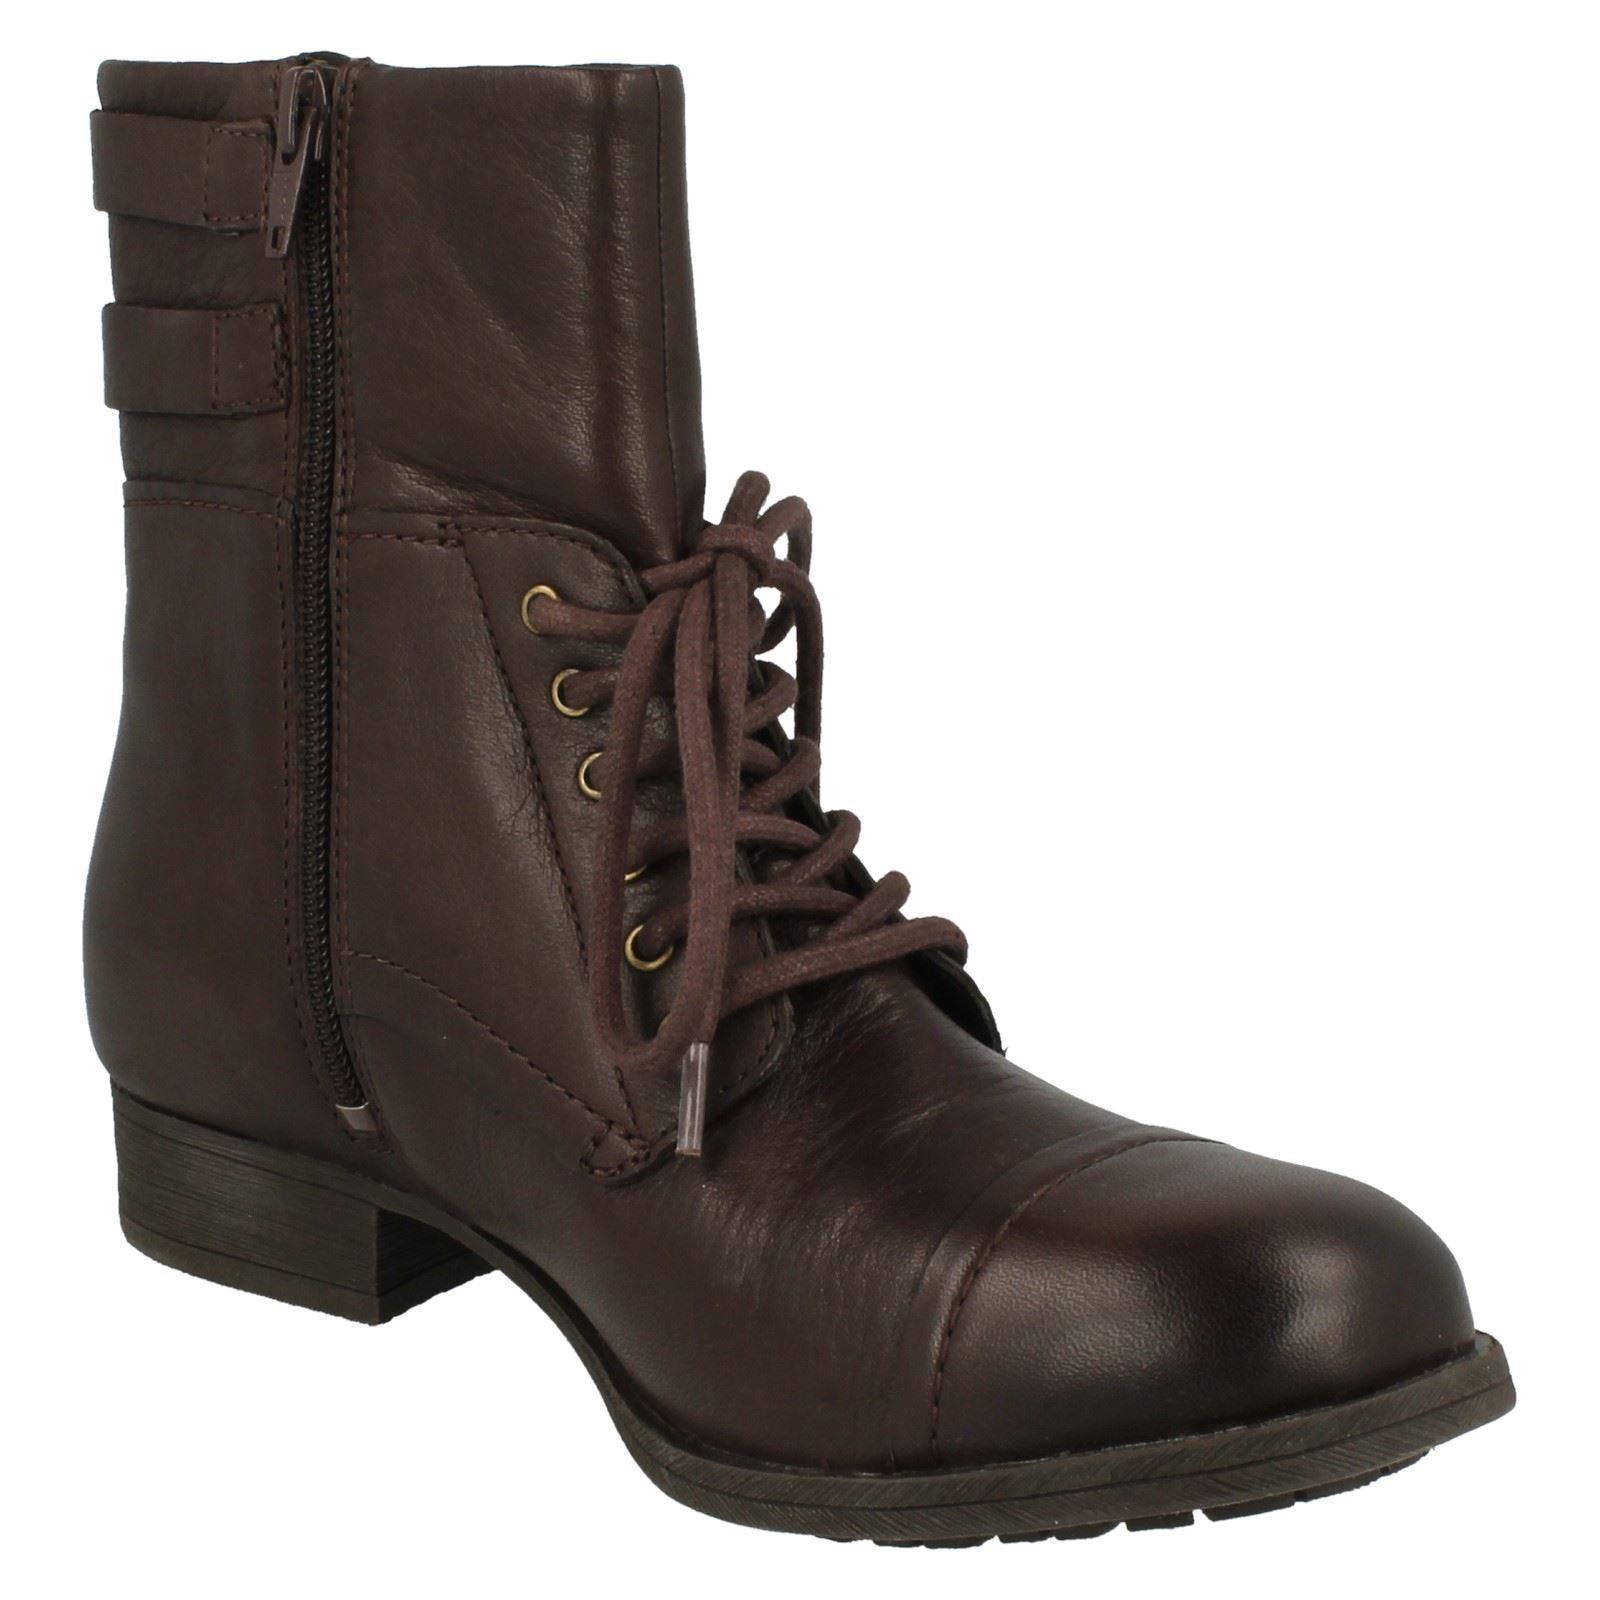 Juego De Damas Clarks Cremallera imitar Militar Militar Militar De Cuero Informal botas al tobillo con todos los días 8fa6dd